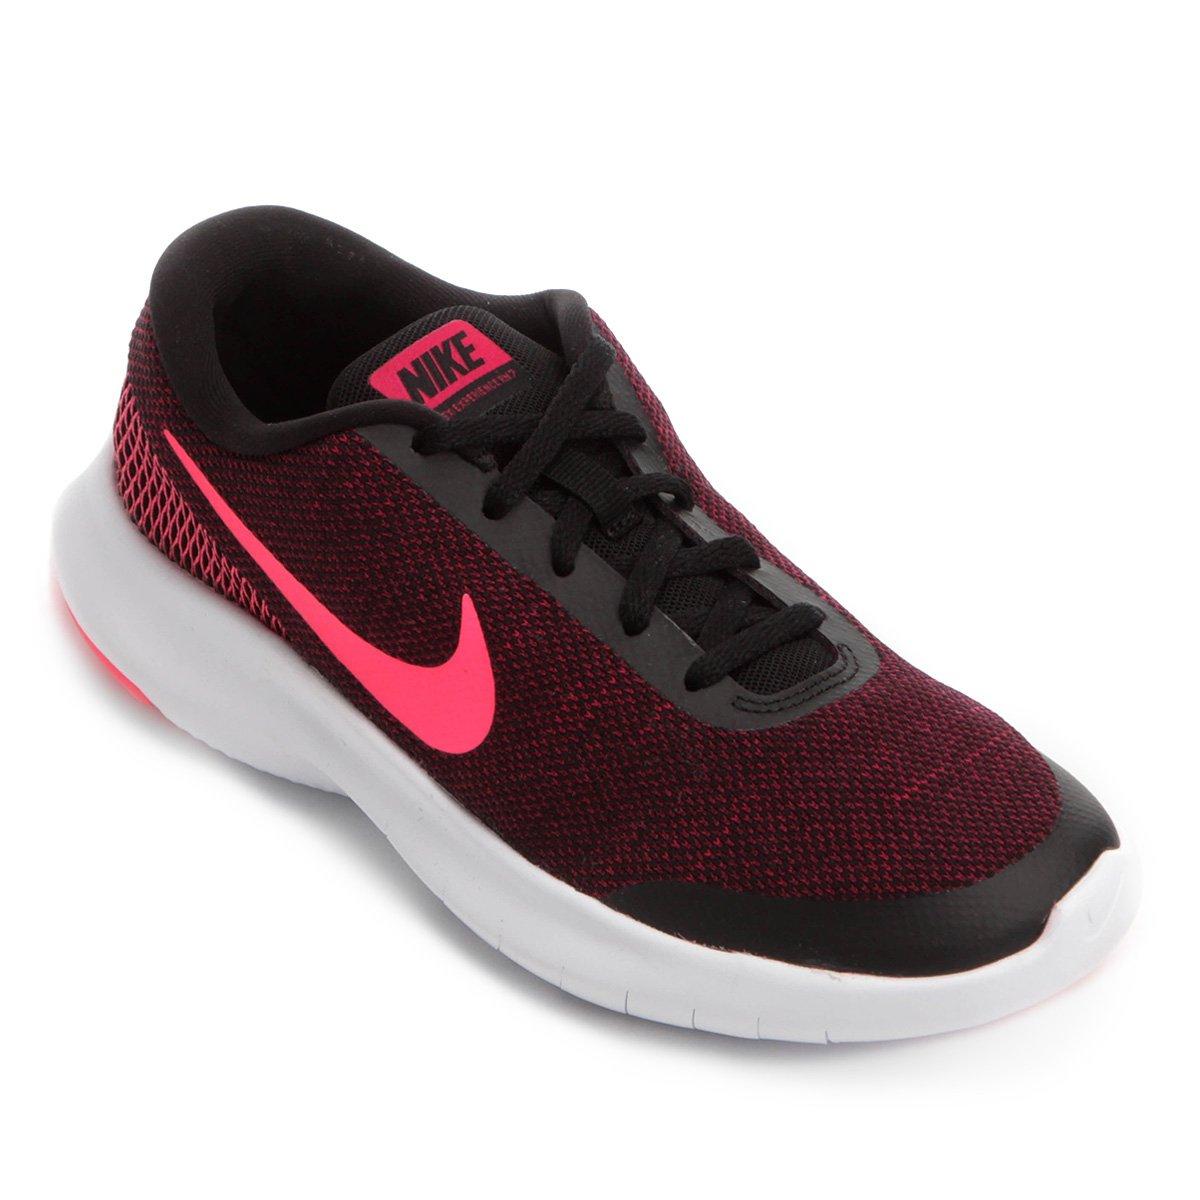 huge selection of 09836 e1e6a Tênis Nike Flex Experience RN 7 Feminino - Preto e Rosa - Compre Agora    Loja do Inter